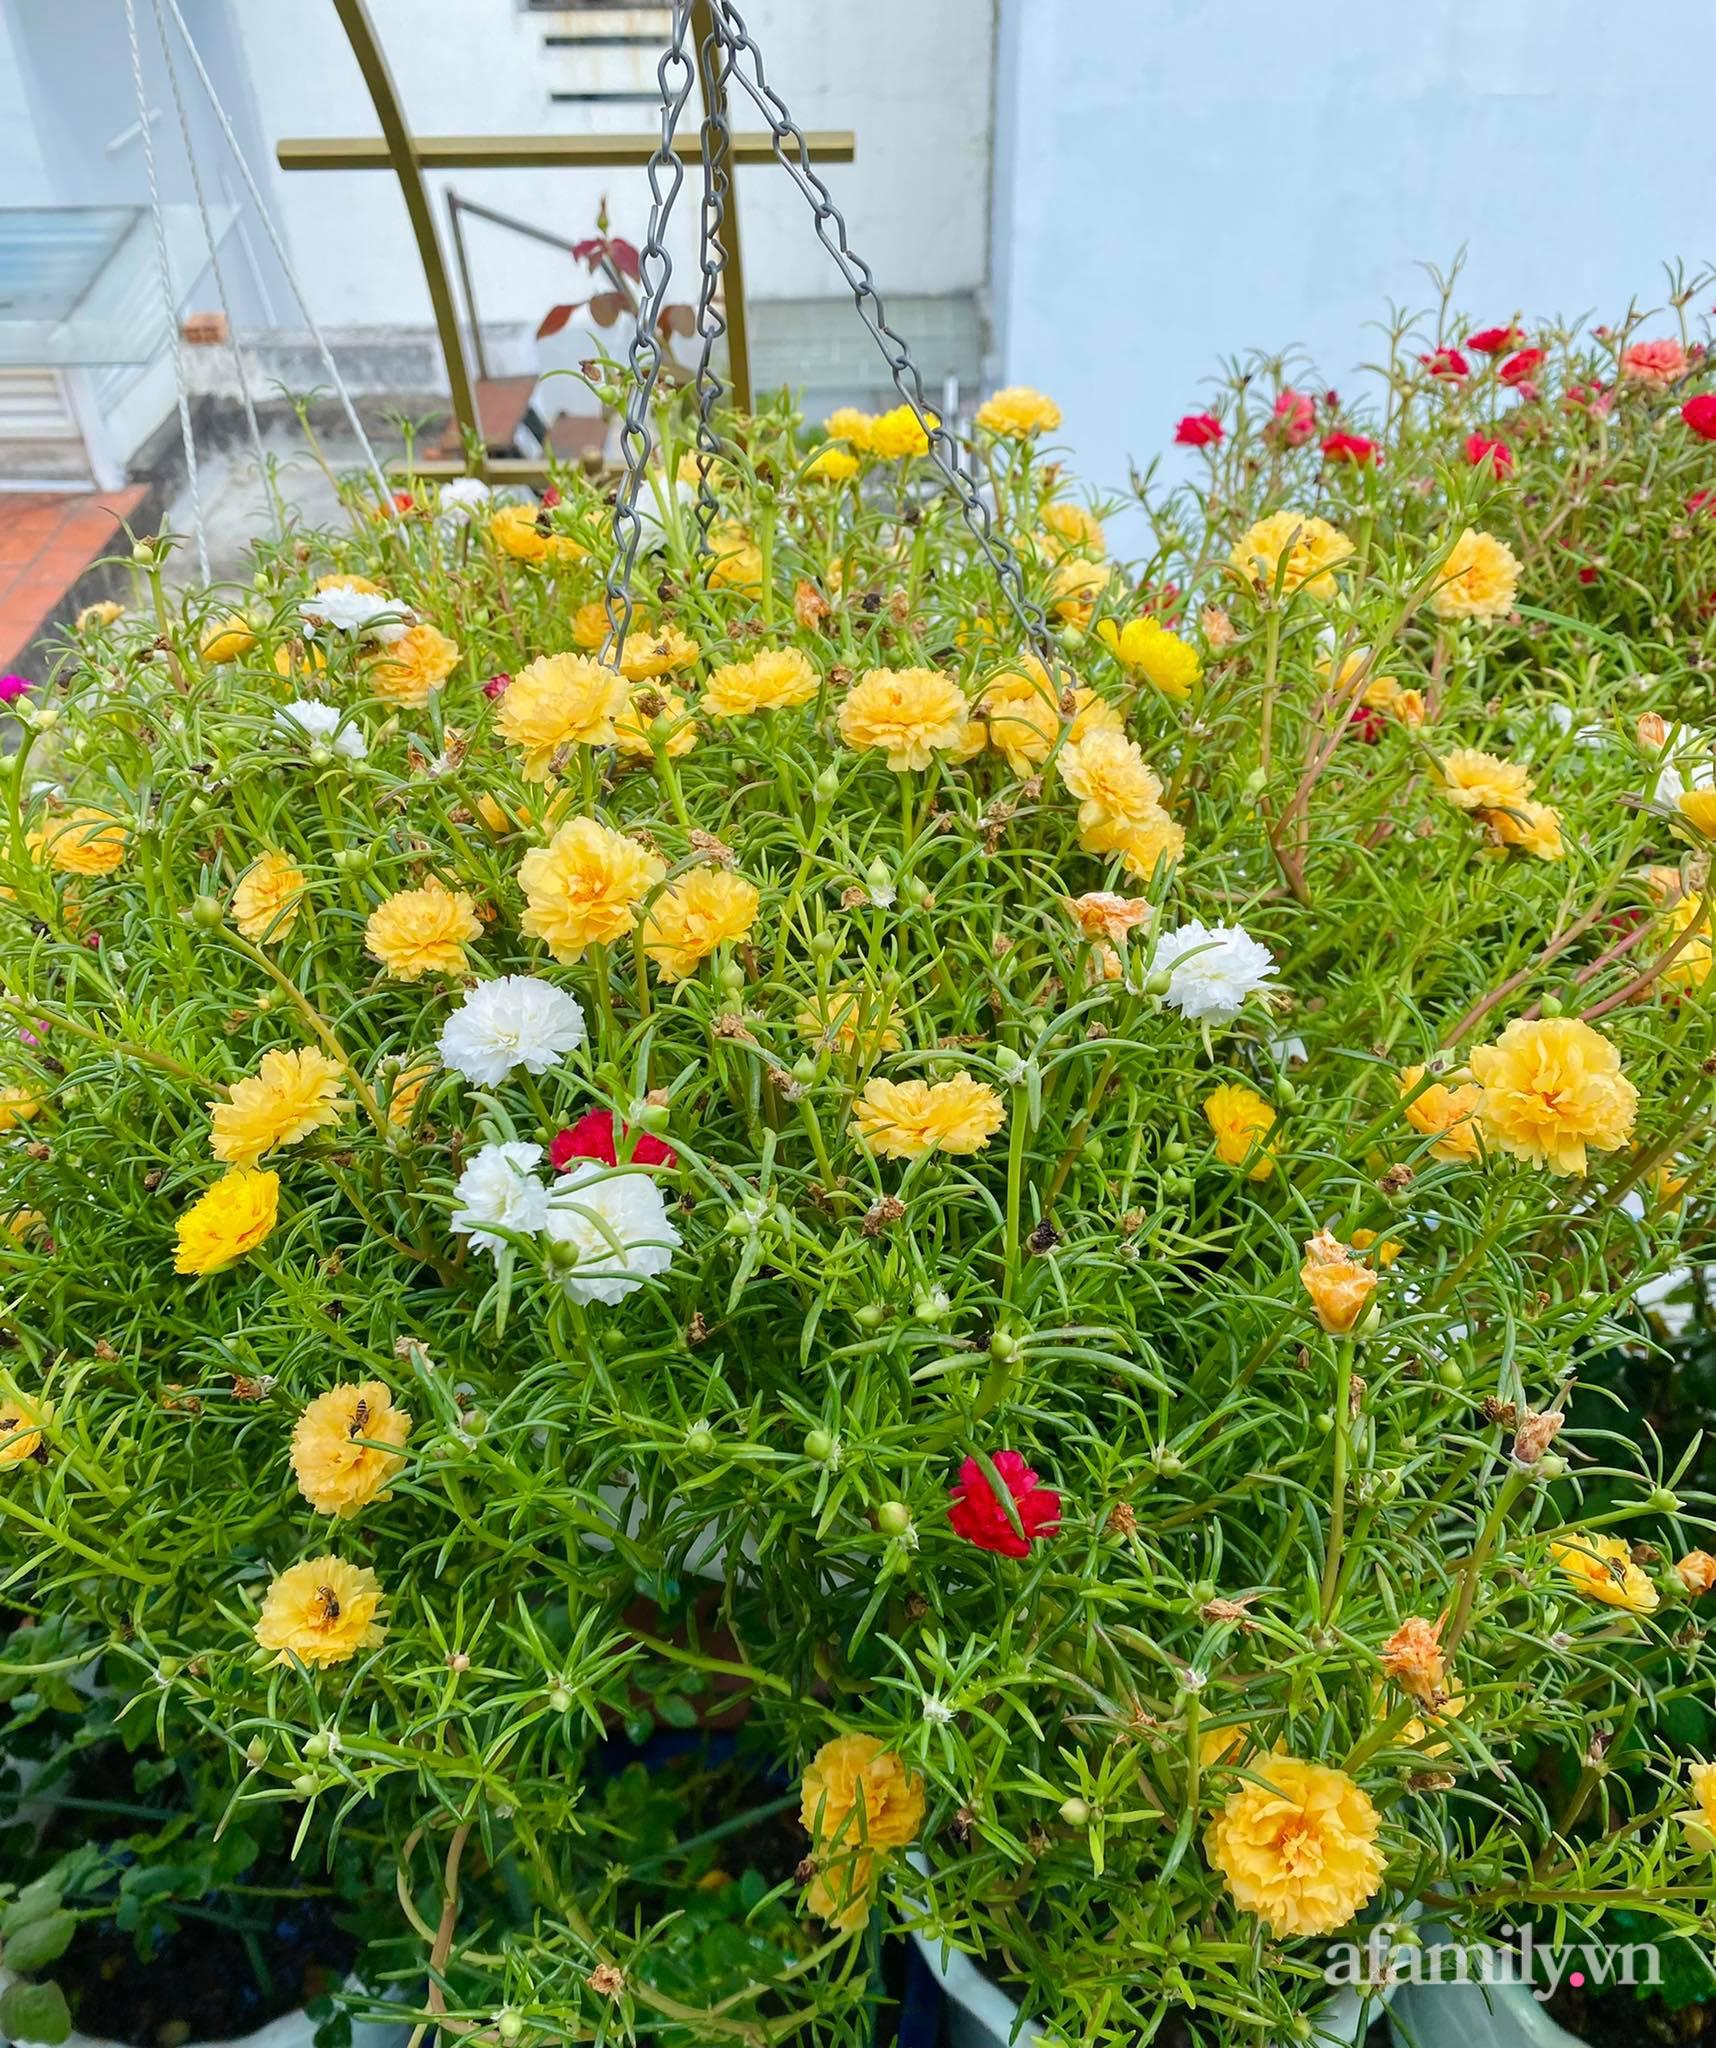 Sân thượng phủ kín hoa hồng và rau quả sạch ở Sài Gòn của Hoa hậu Janny Thủy Trần - ảnh 23